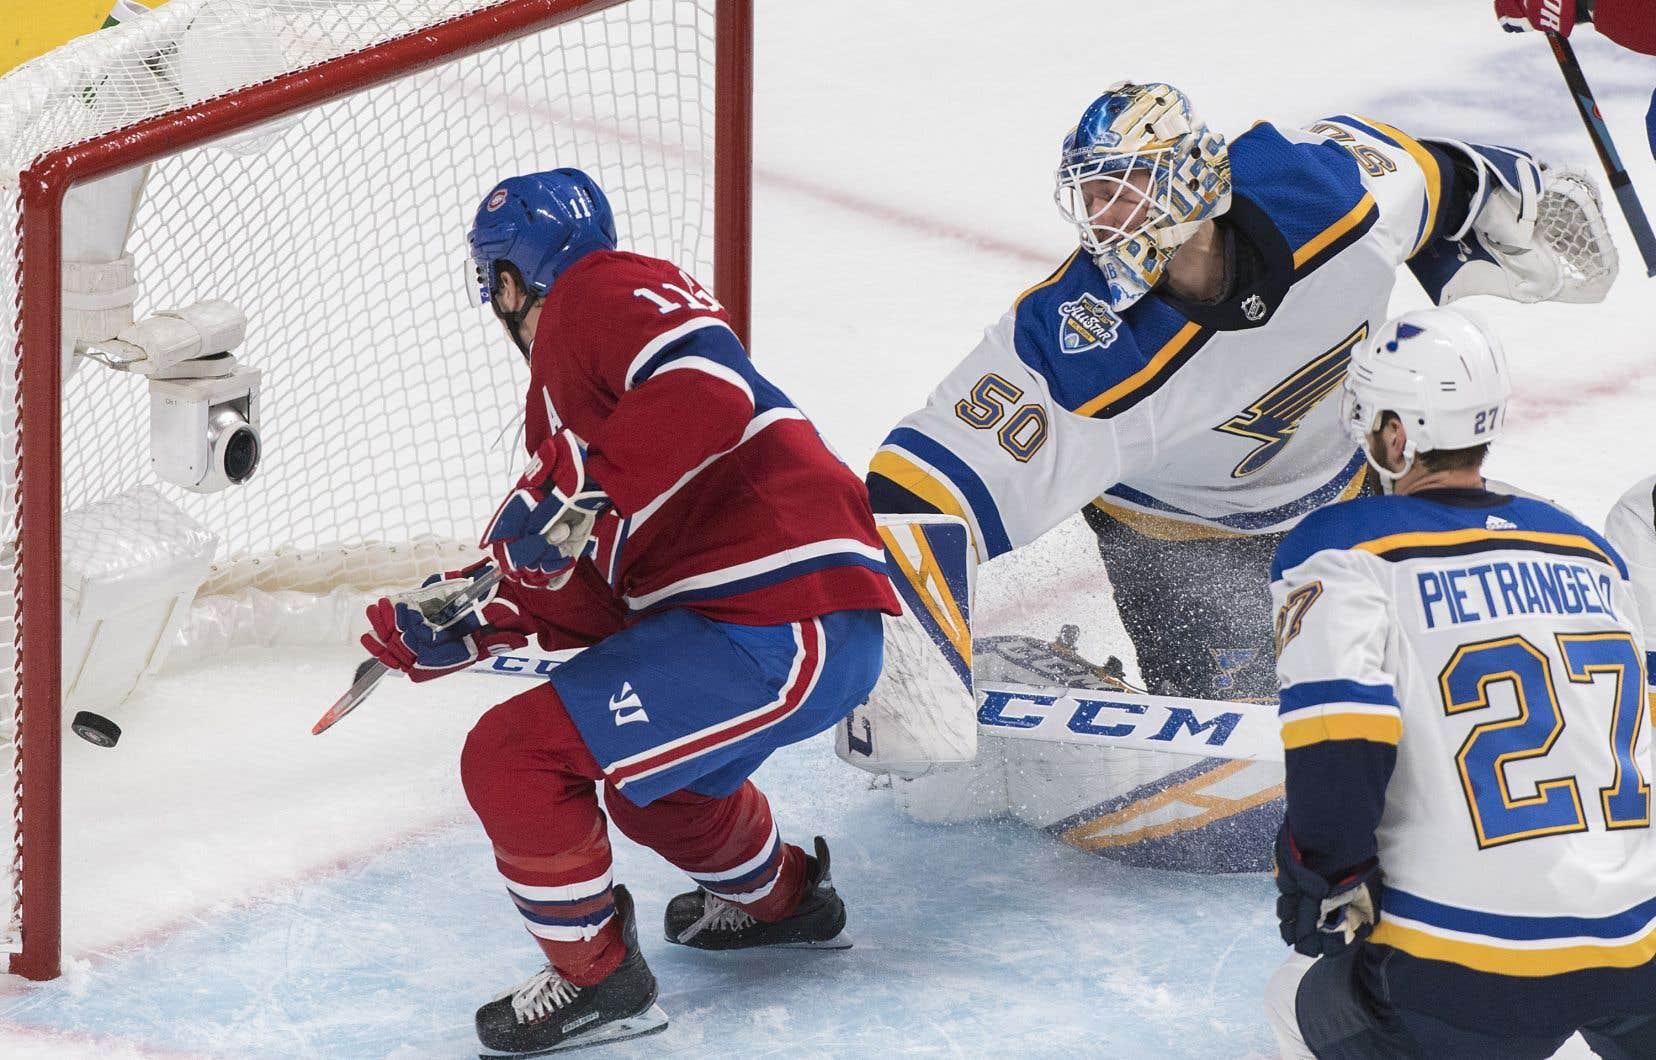 Le Canadien de Montréal a battu les Blues de Saint Louis 6-3 samedi.